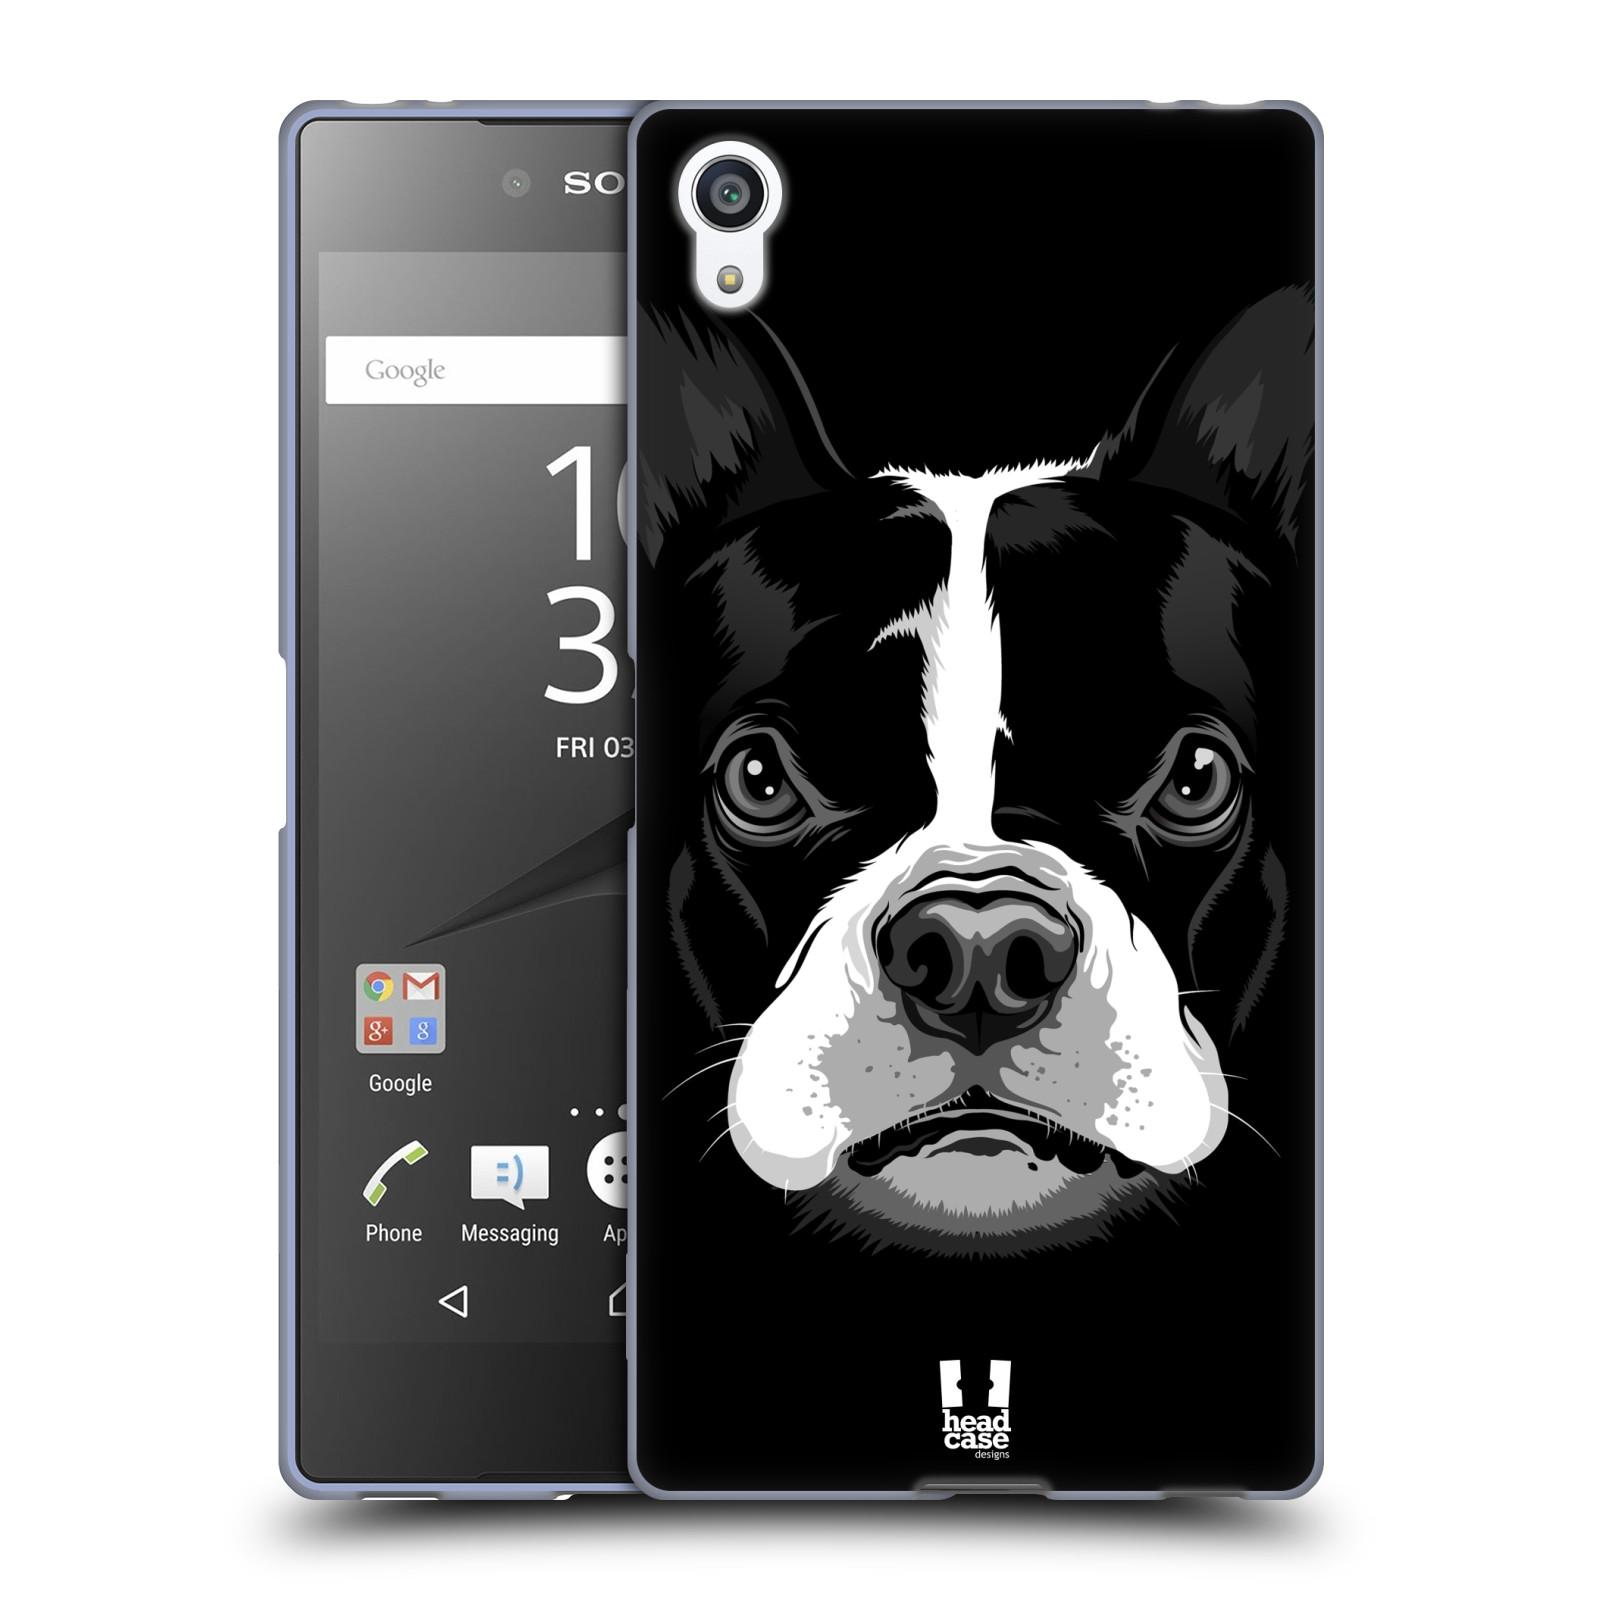 Silikonové pouzdro na mobil Sony Xperia Z5 Premium HEAD CASE ILUSTROVANÝ BULDOČEK